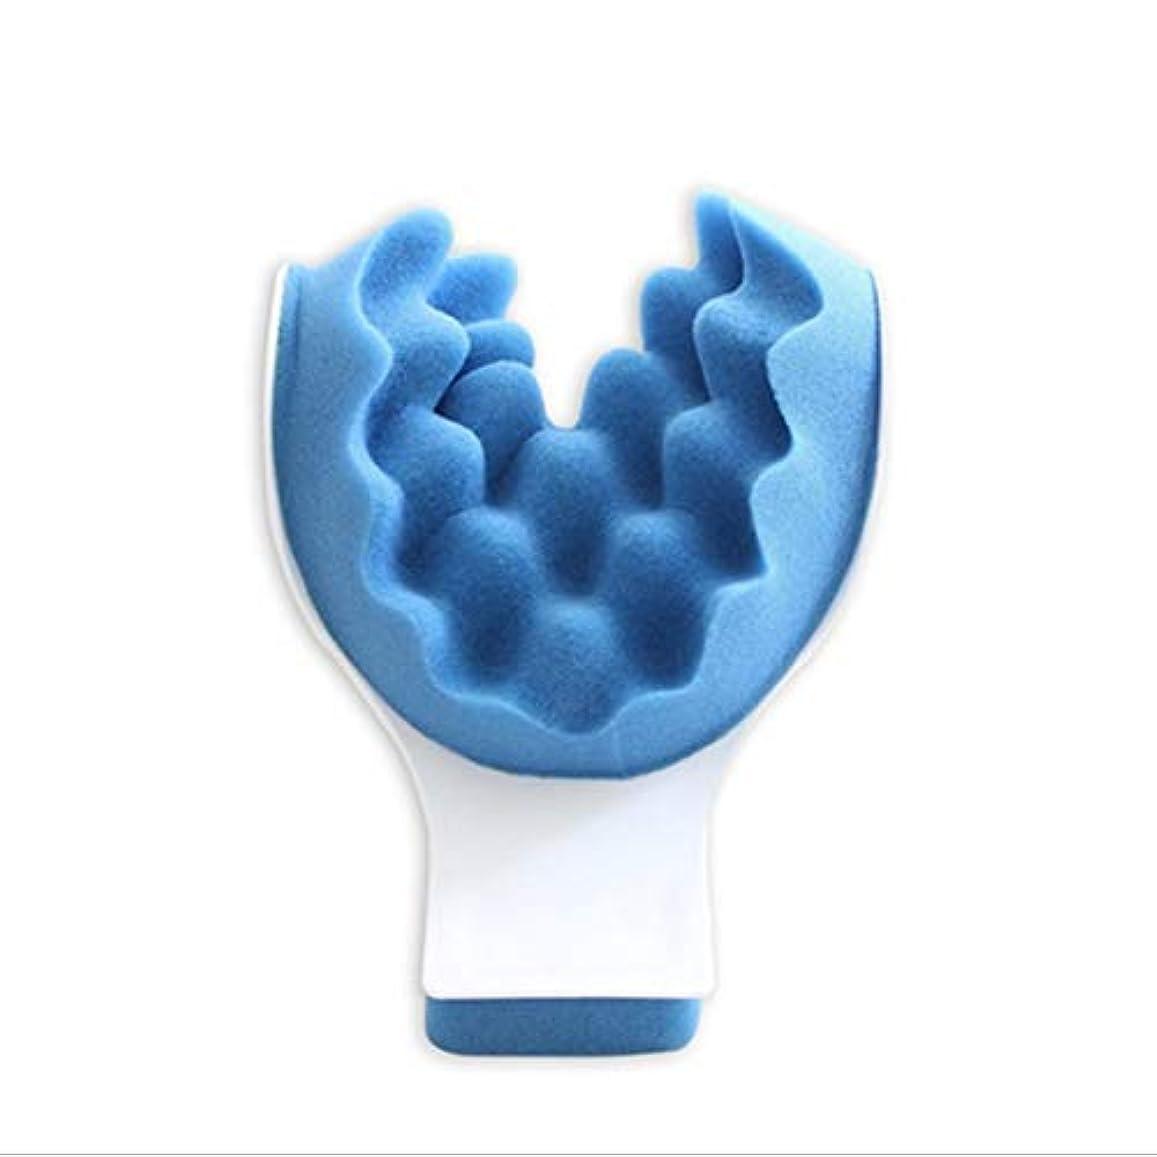 全能親指見えるマッスルテンションリリーフタイトネスと痛みの緩和セラピーティックネックサポートテンションリリーフネック&ショルダーリラクサー - ブルー